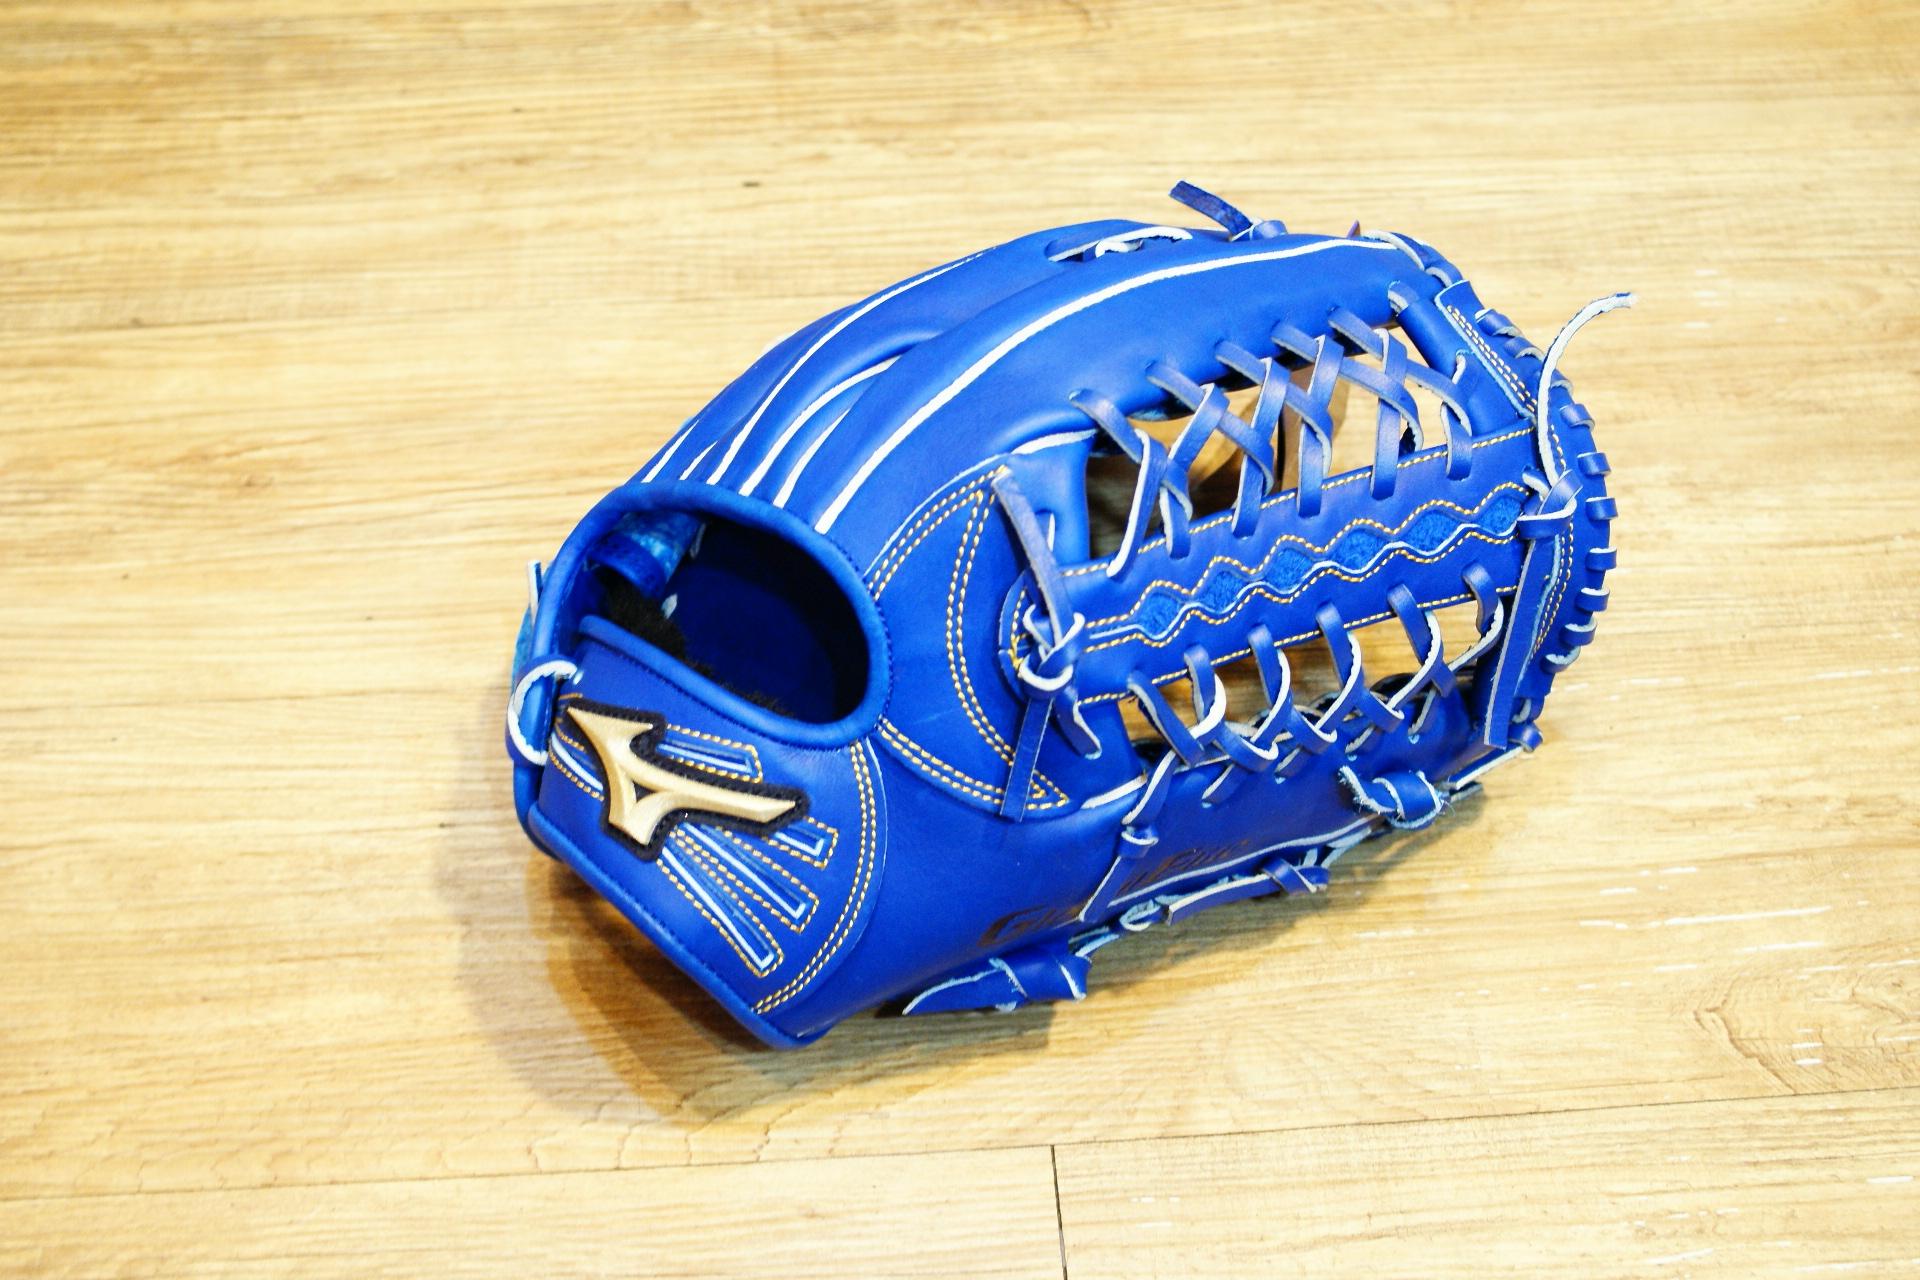 棒球世界 全新 Mizuno美津濃 GLOBAL ELITE 硬式外野T網手套 特價 藍色